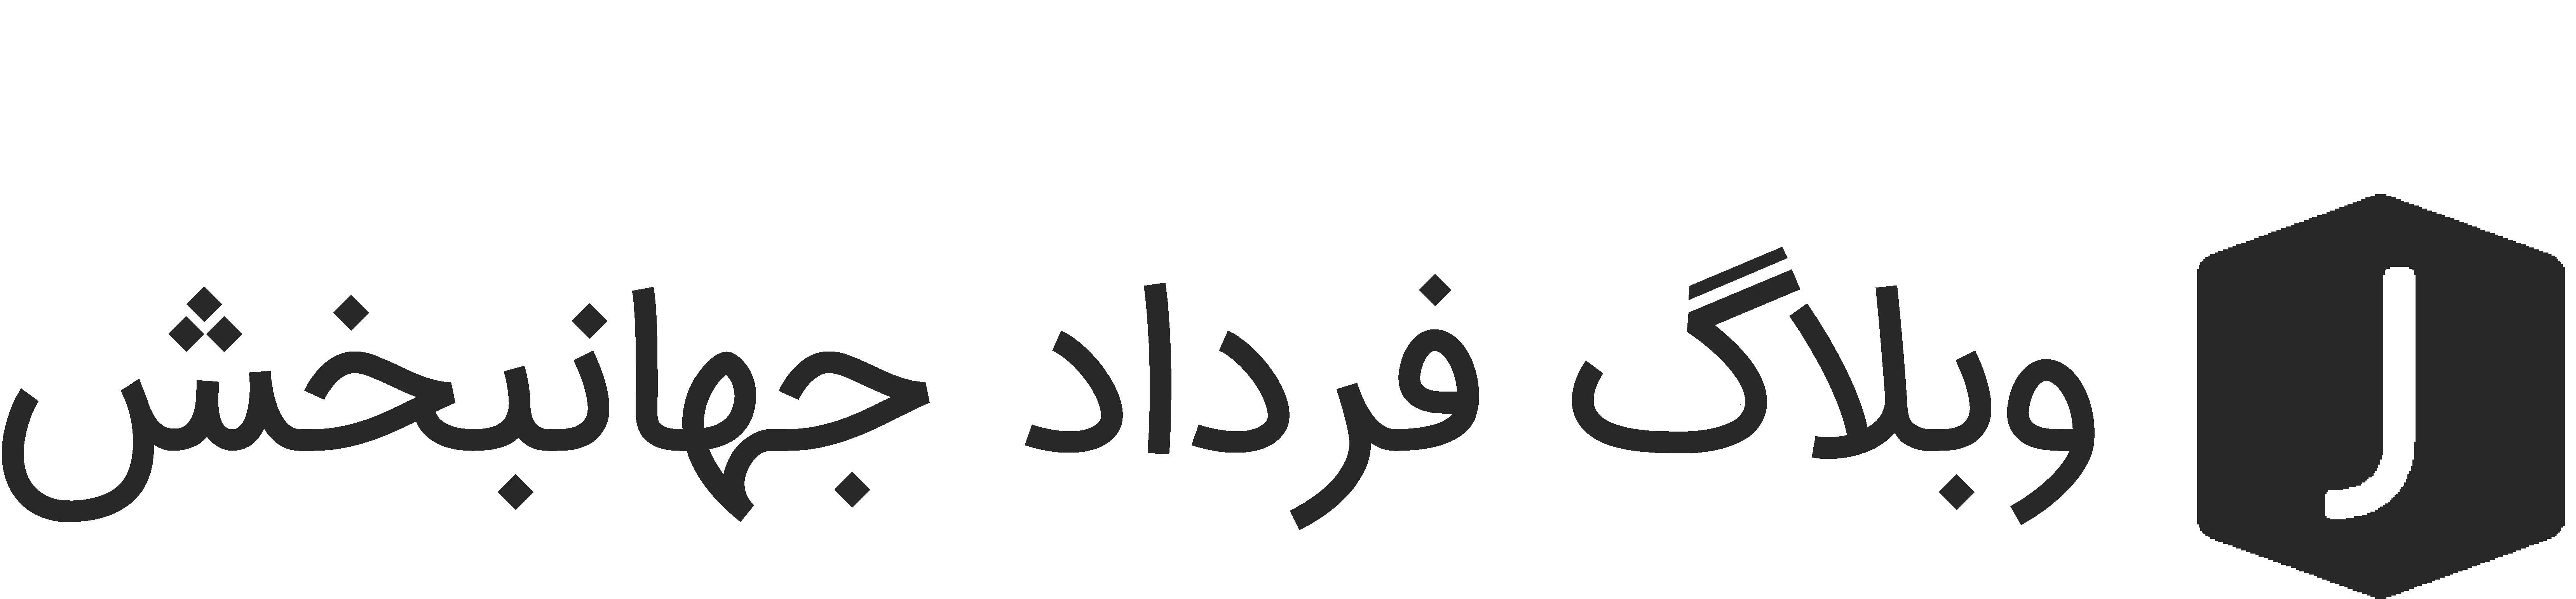 وبلاگ فرداد جهانبخش